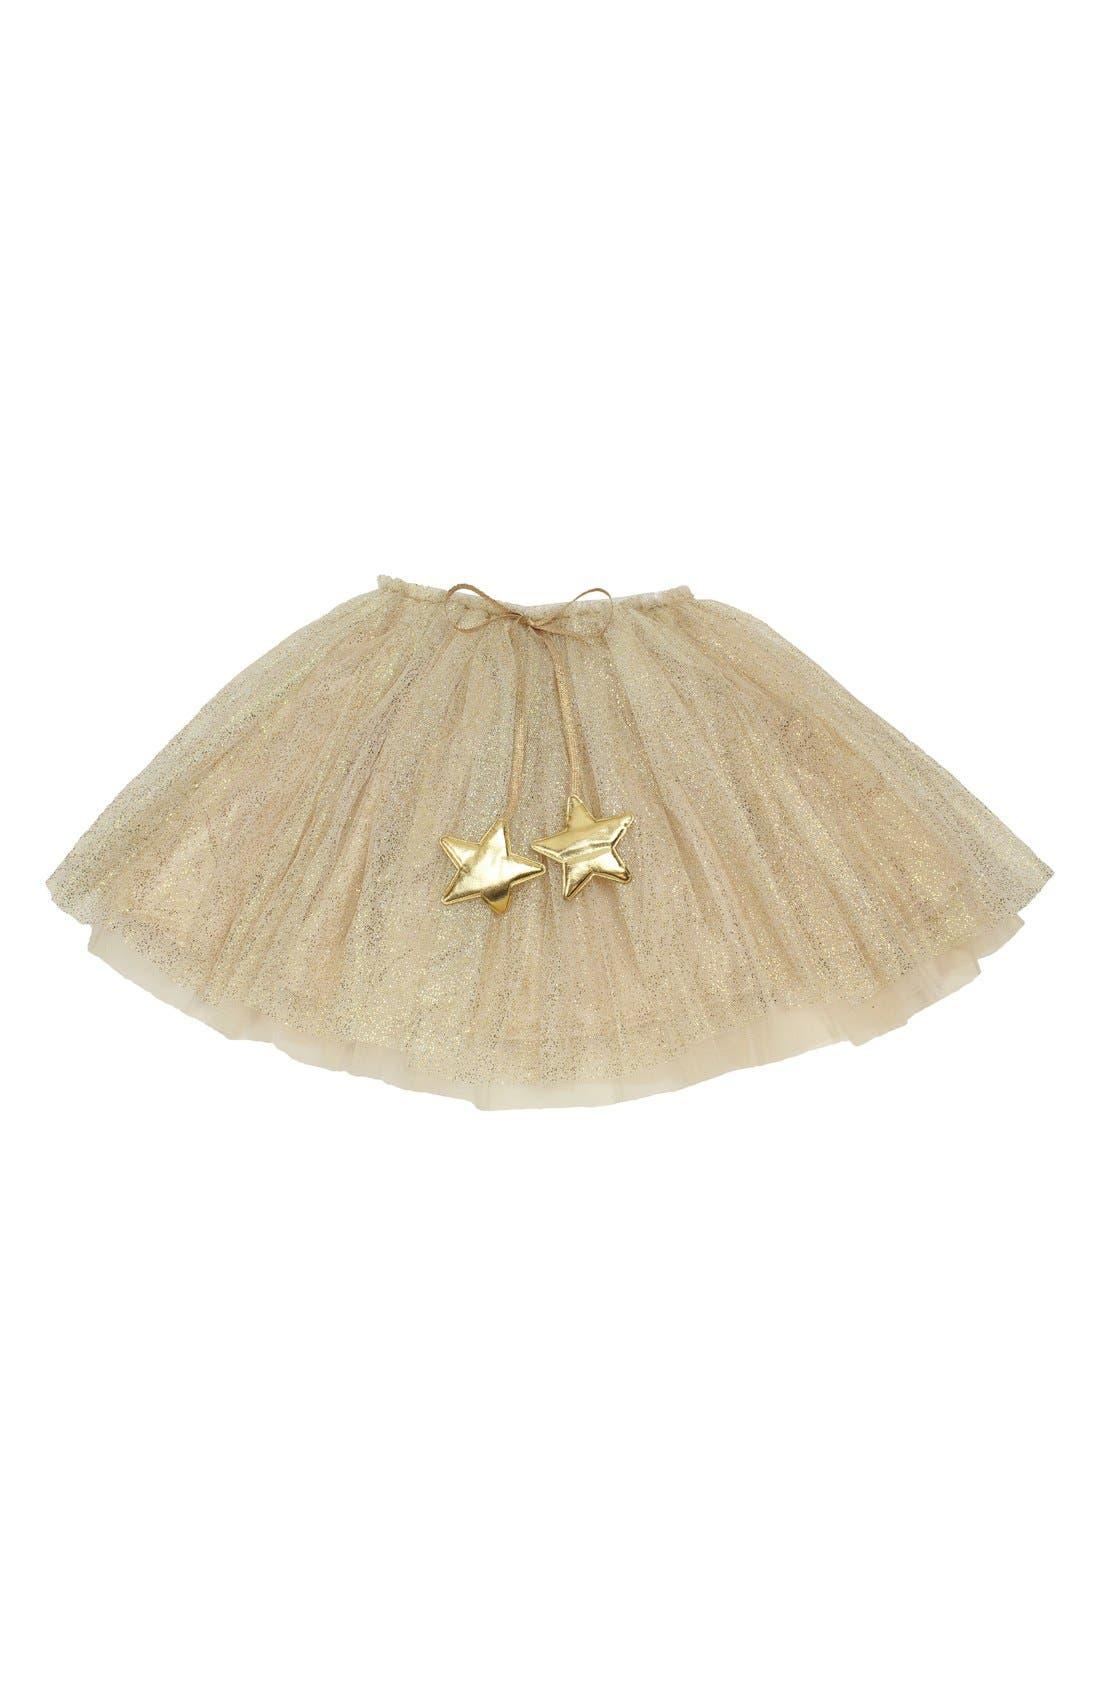 POCHEW Gold Glitter Star Tutu